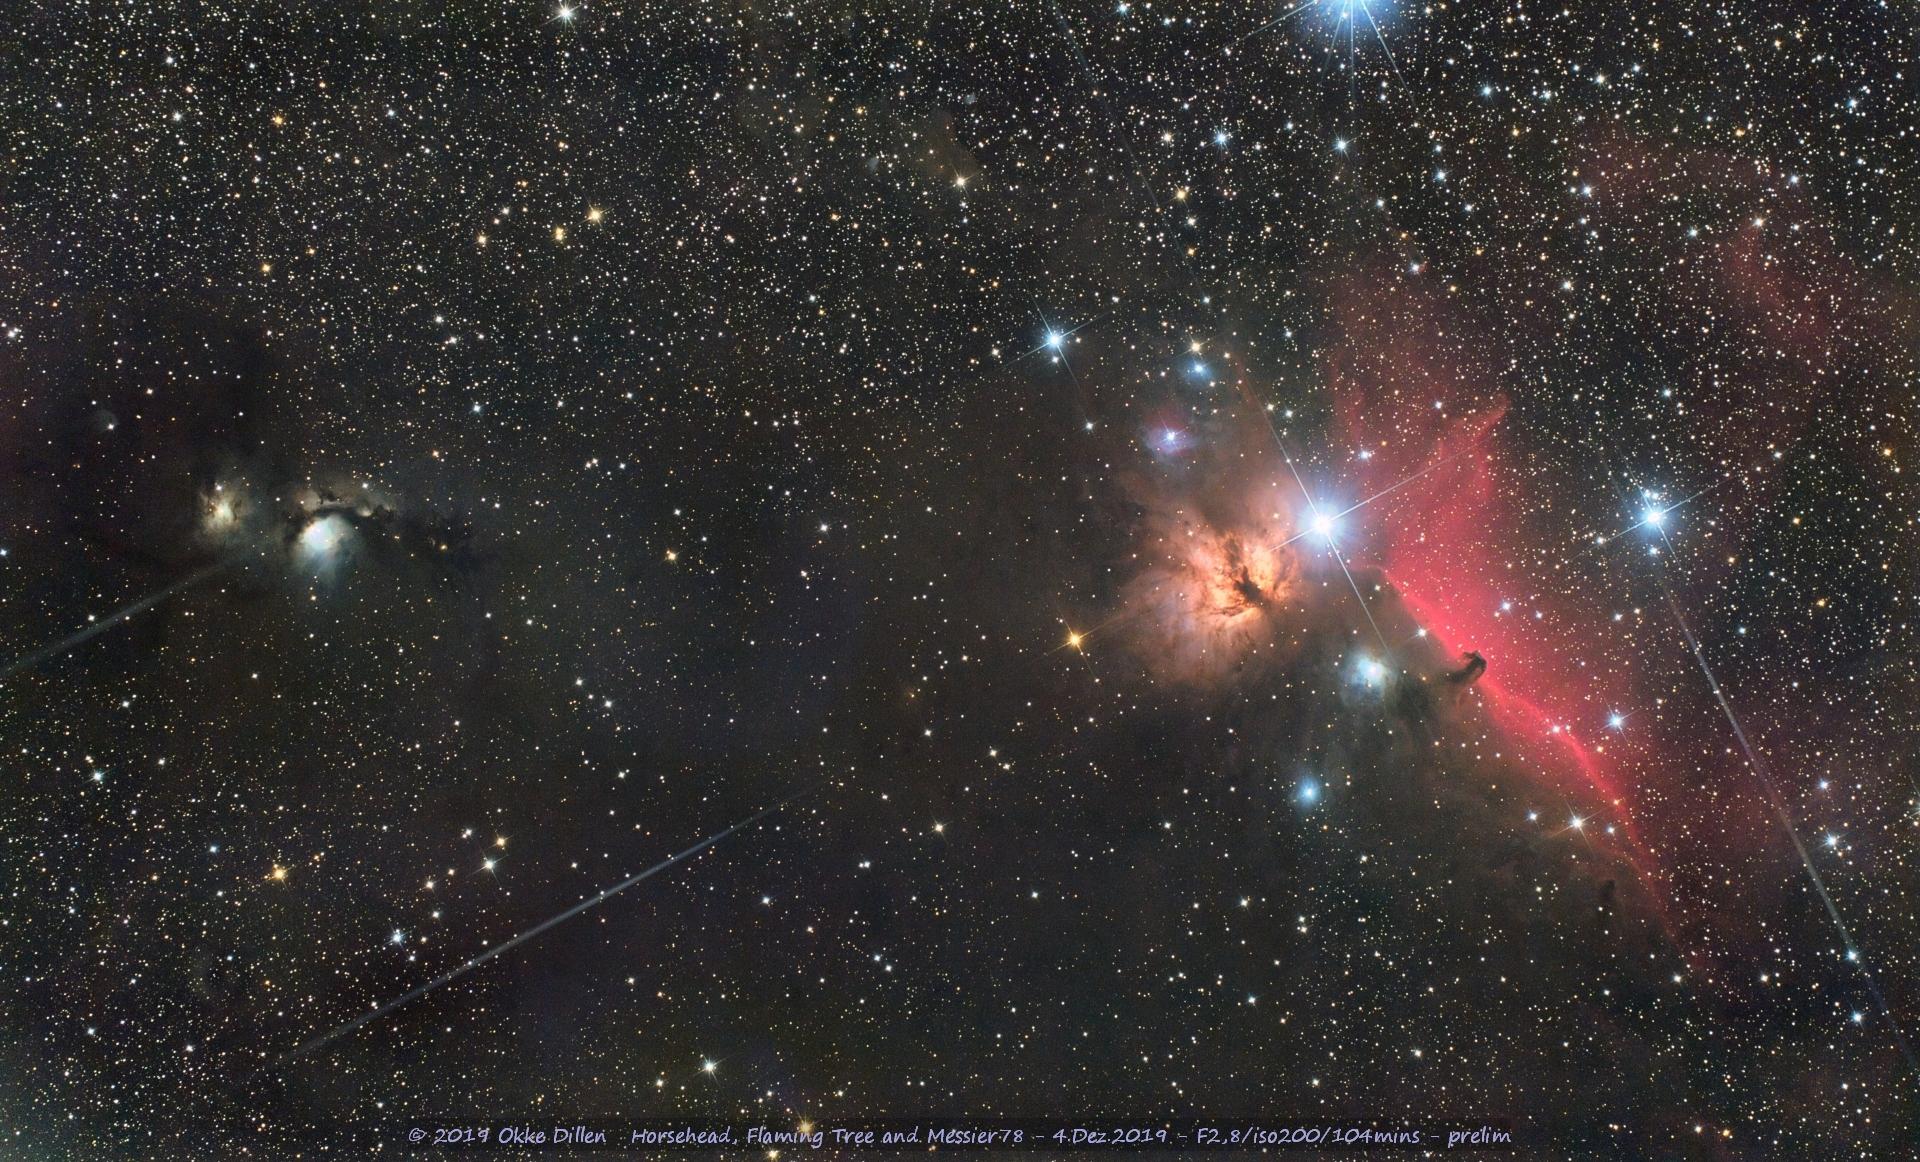 Pferd-Flamme-M78-20191204_V10_r_2k_fc.jpg